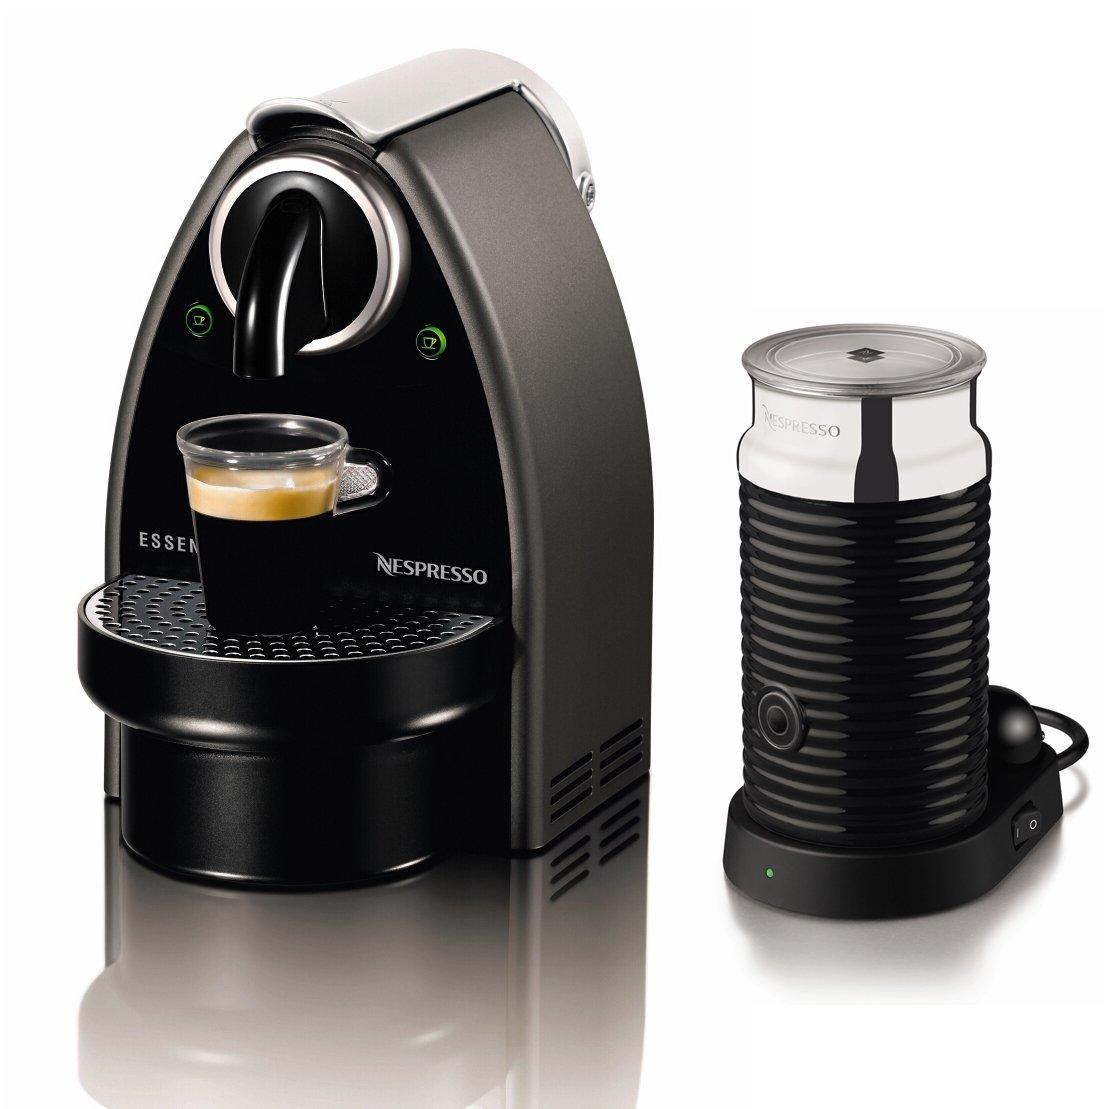 【お買得!】 Nespresso C101TI-A3B オートタイプ エッセンサ バンドルセット エッセンサ チタン チタン C101TI-A3B B004Q8BIBM, ヌマタチョウ:ddf9acb9 --- mfphoto.ie